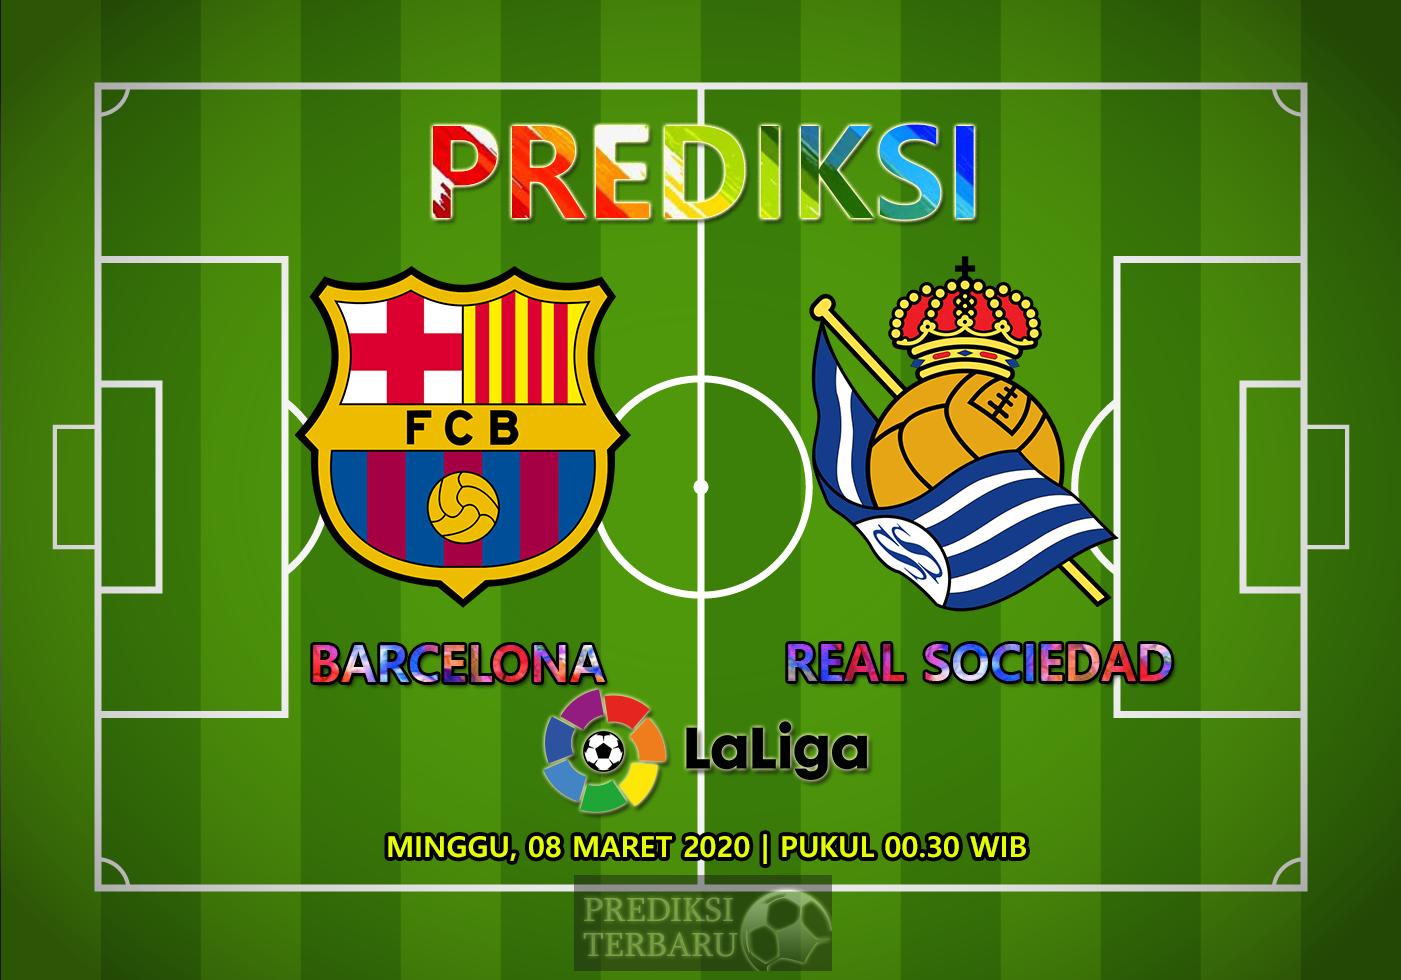 Prediksi Barcelona Vs Real Sociedad Minggu 08 Maret